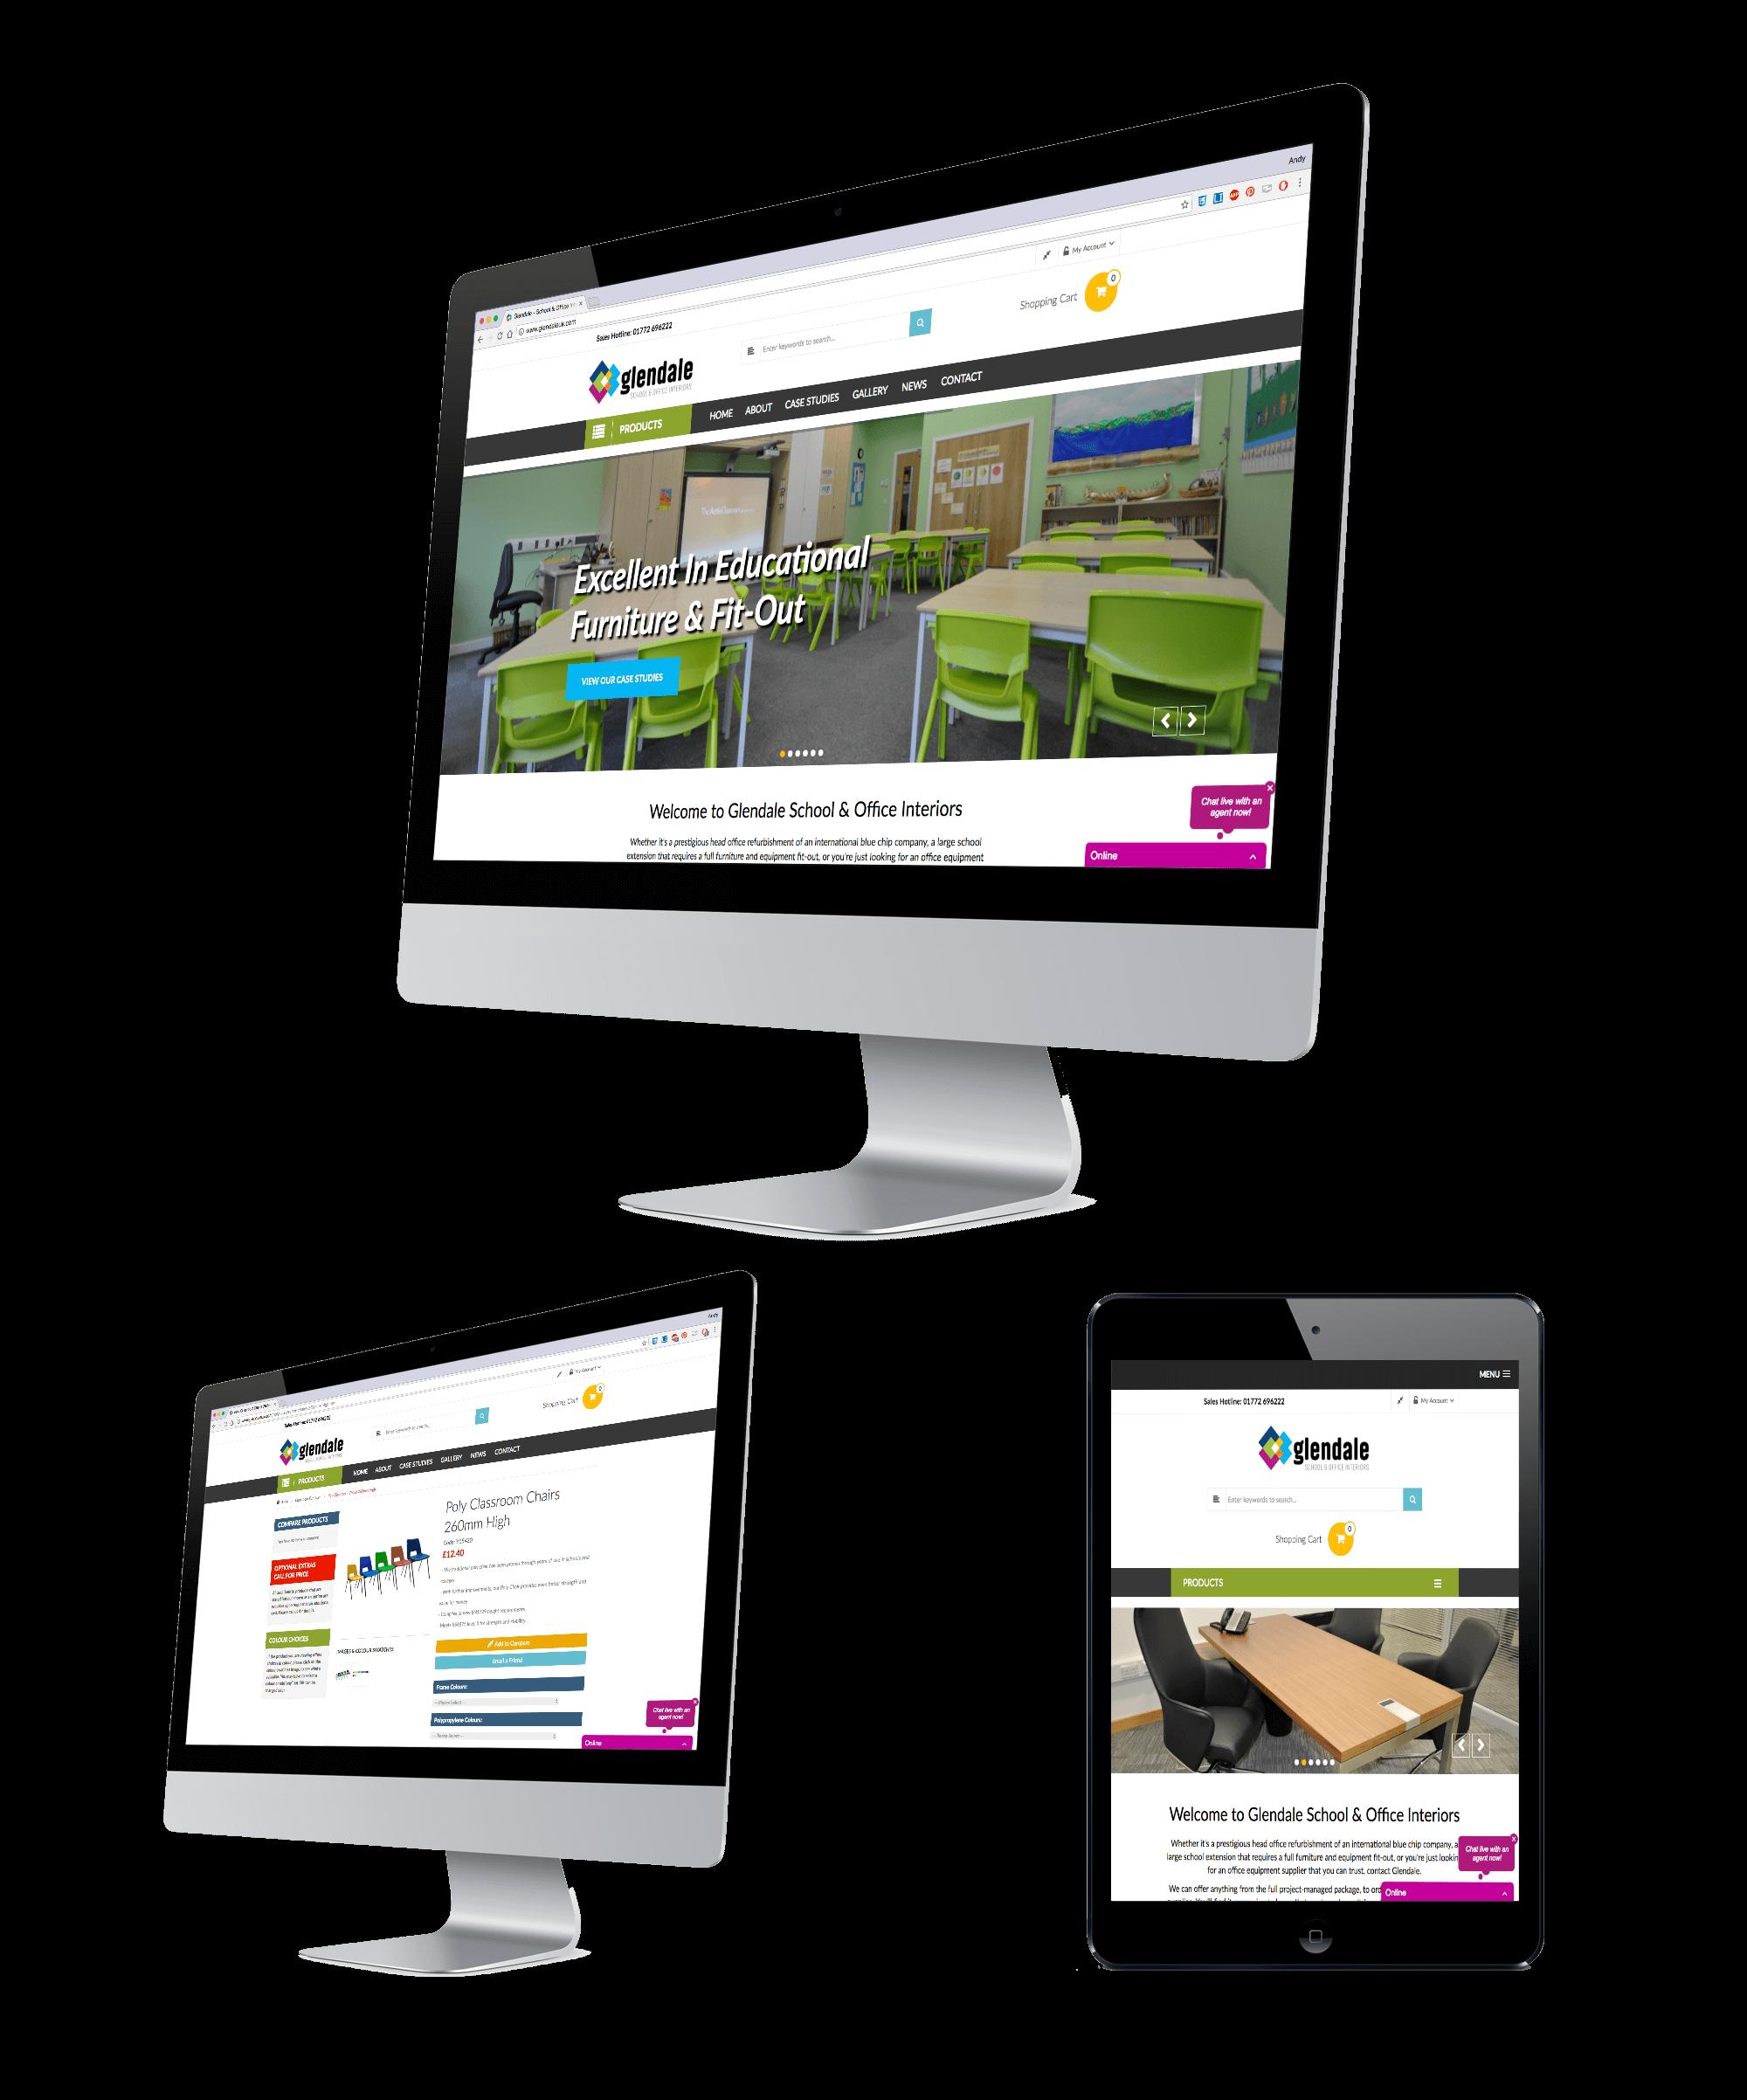 Glendale School & Office Interiors Webstie